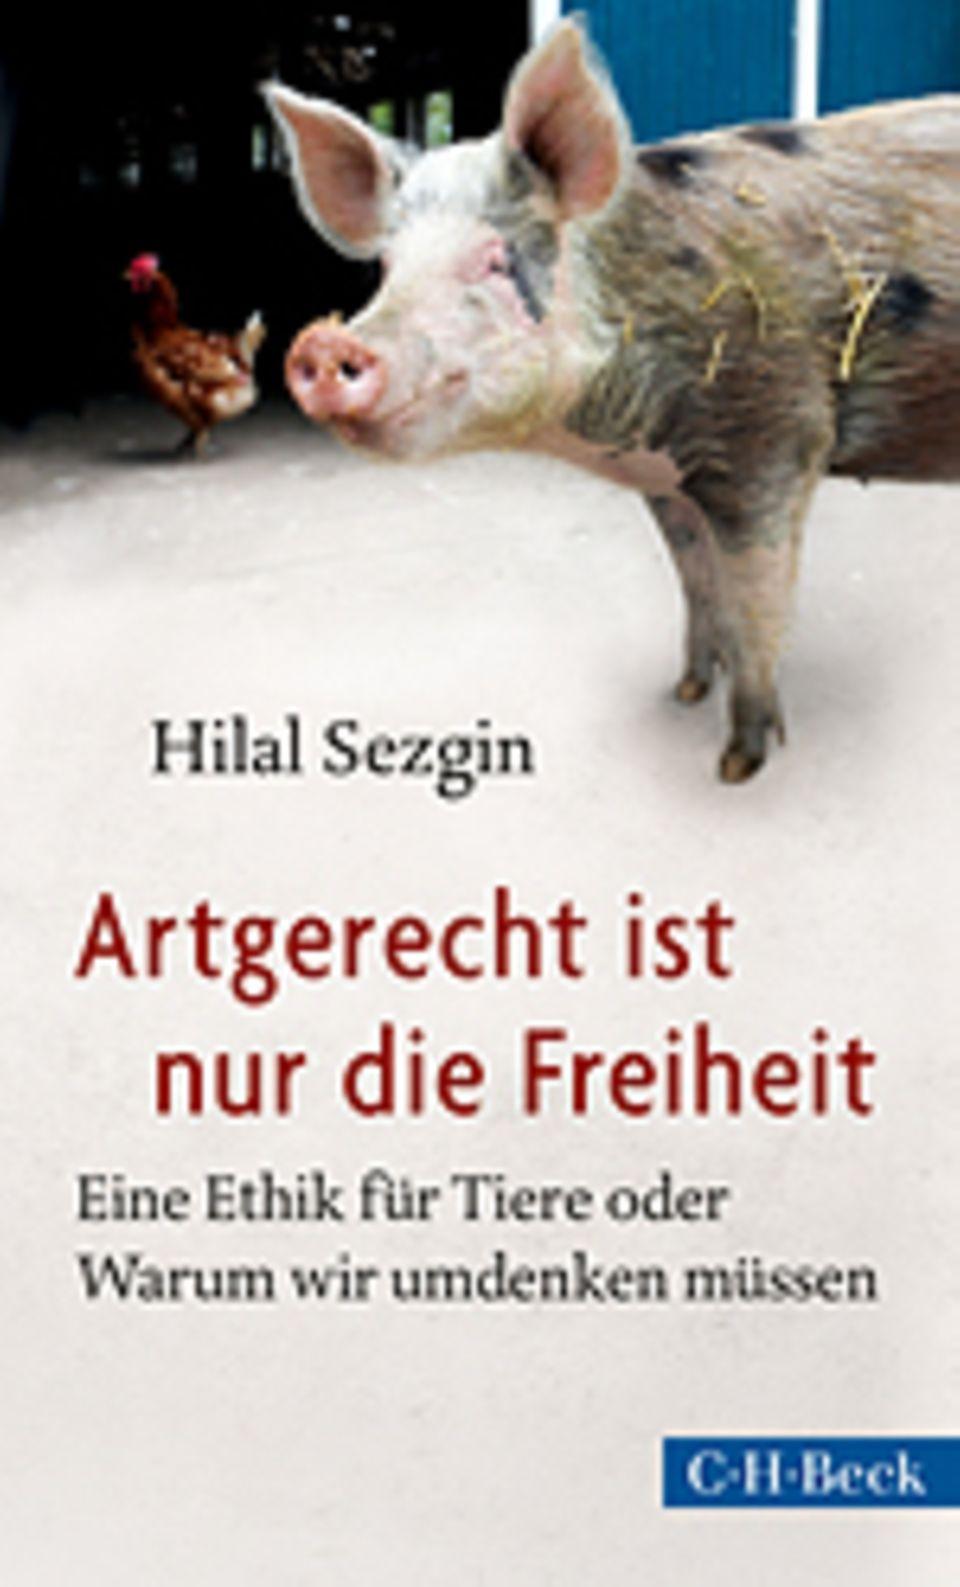 Tierrechte: Hilal Sezgin Artgerecht ist nur die Freiheit Eine Ethik für Tiere oder Warum wir umdenken müssen C.H. Beck Verlag, 2014 301 Seiten, 16,95 Euro